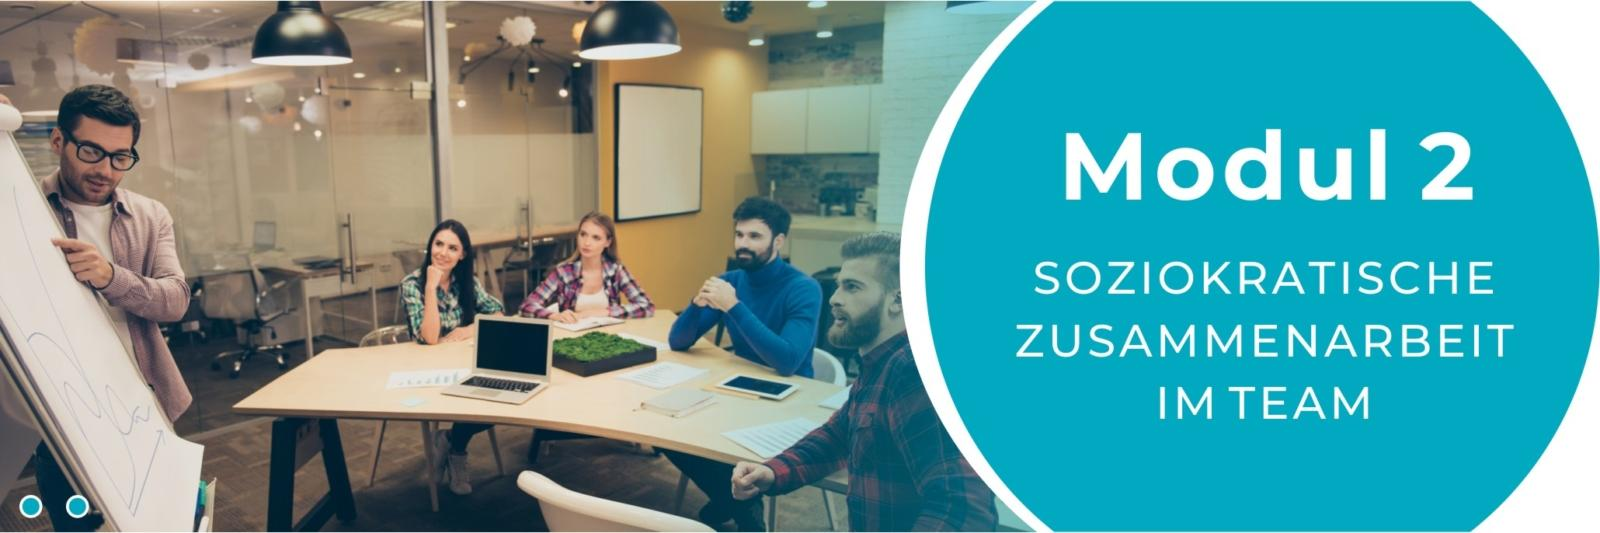 Modul 2 - Soziokratische Zusammenarbeit im Team